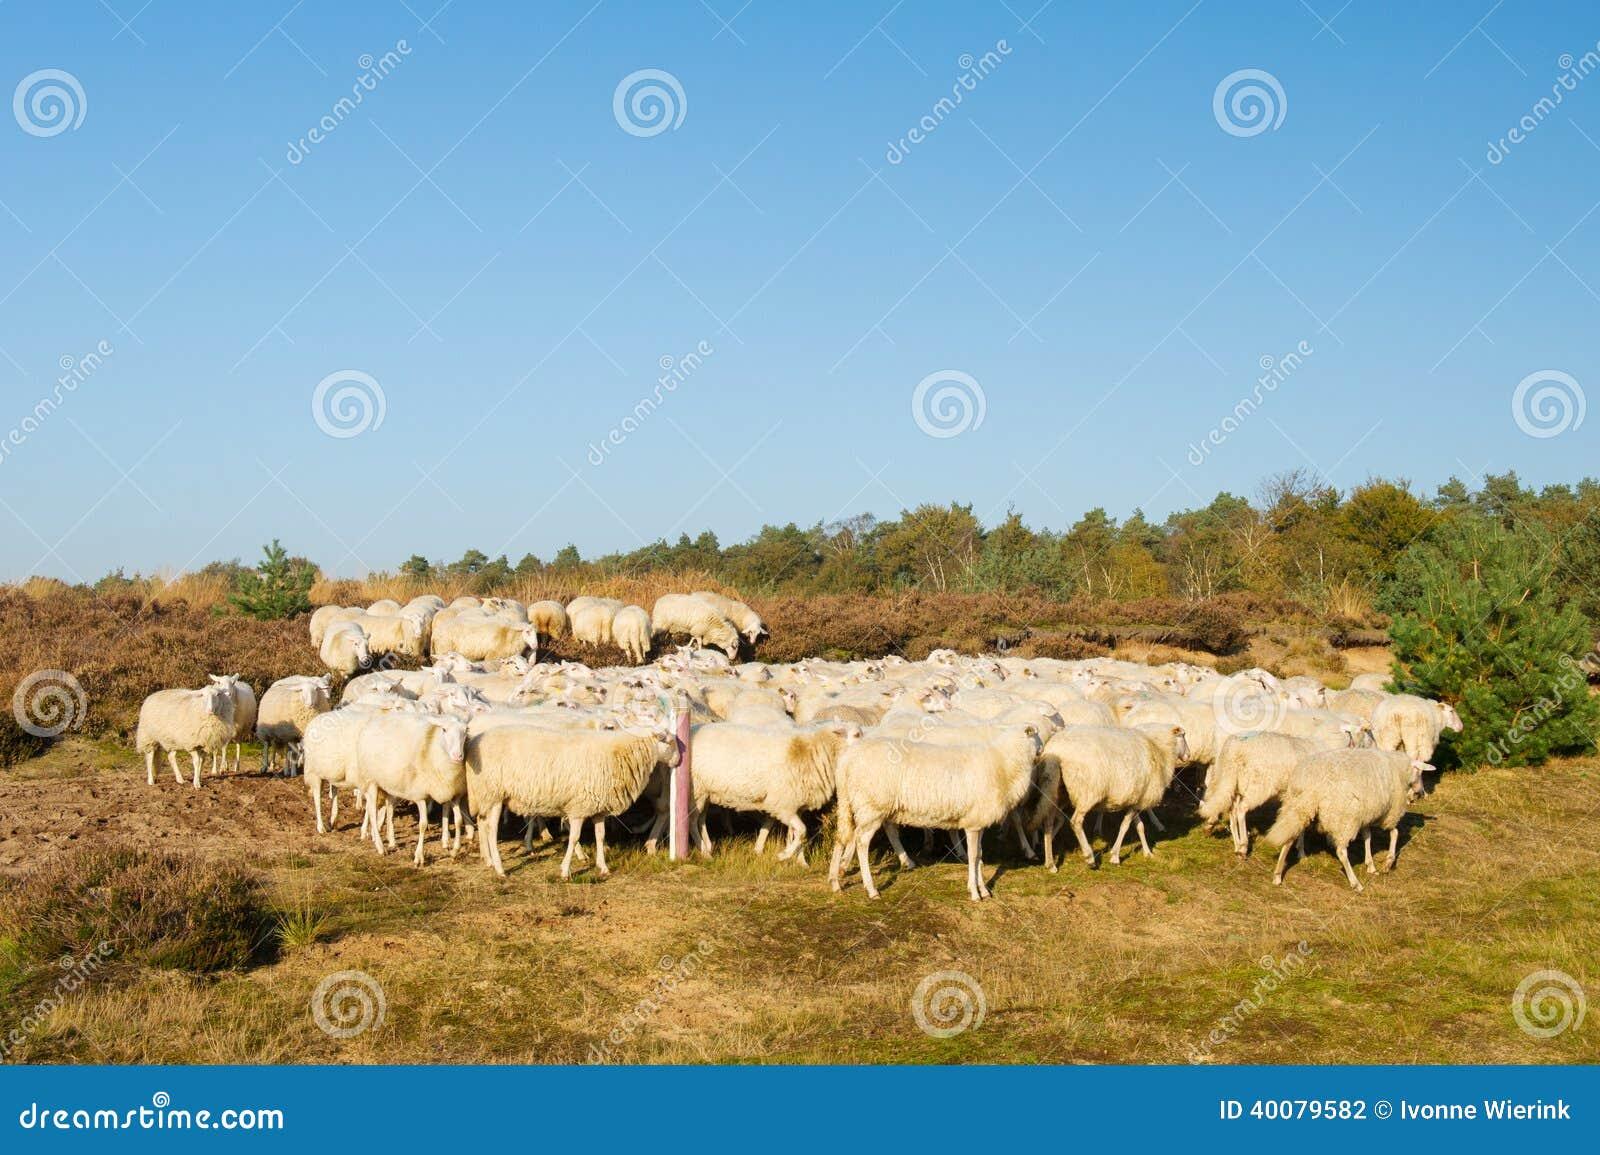 Sheep Herd Stock Photo - Image: 40079582